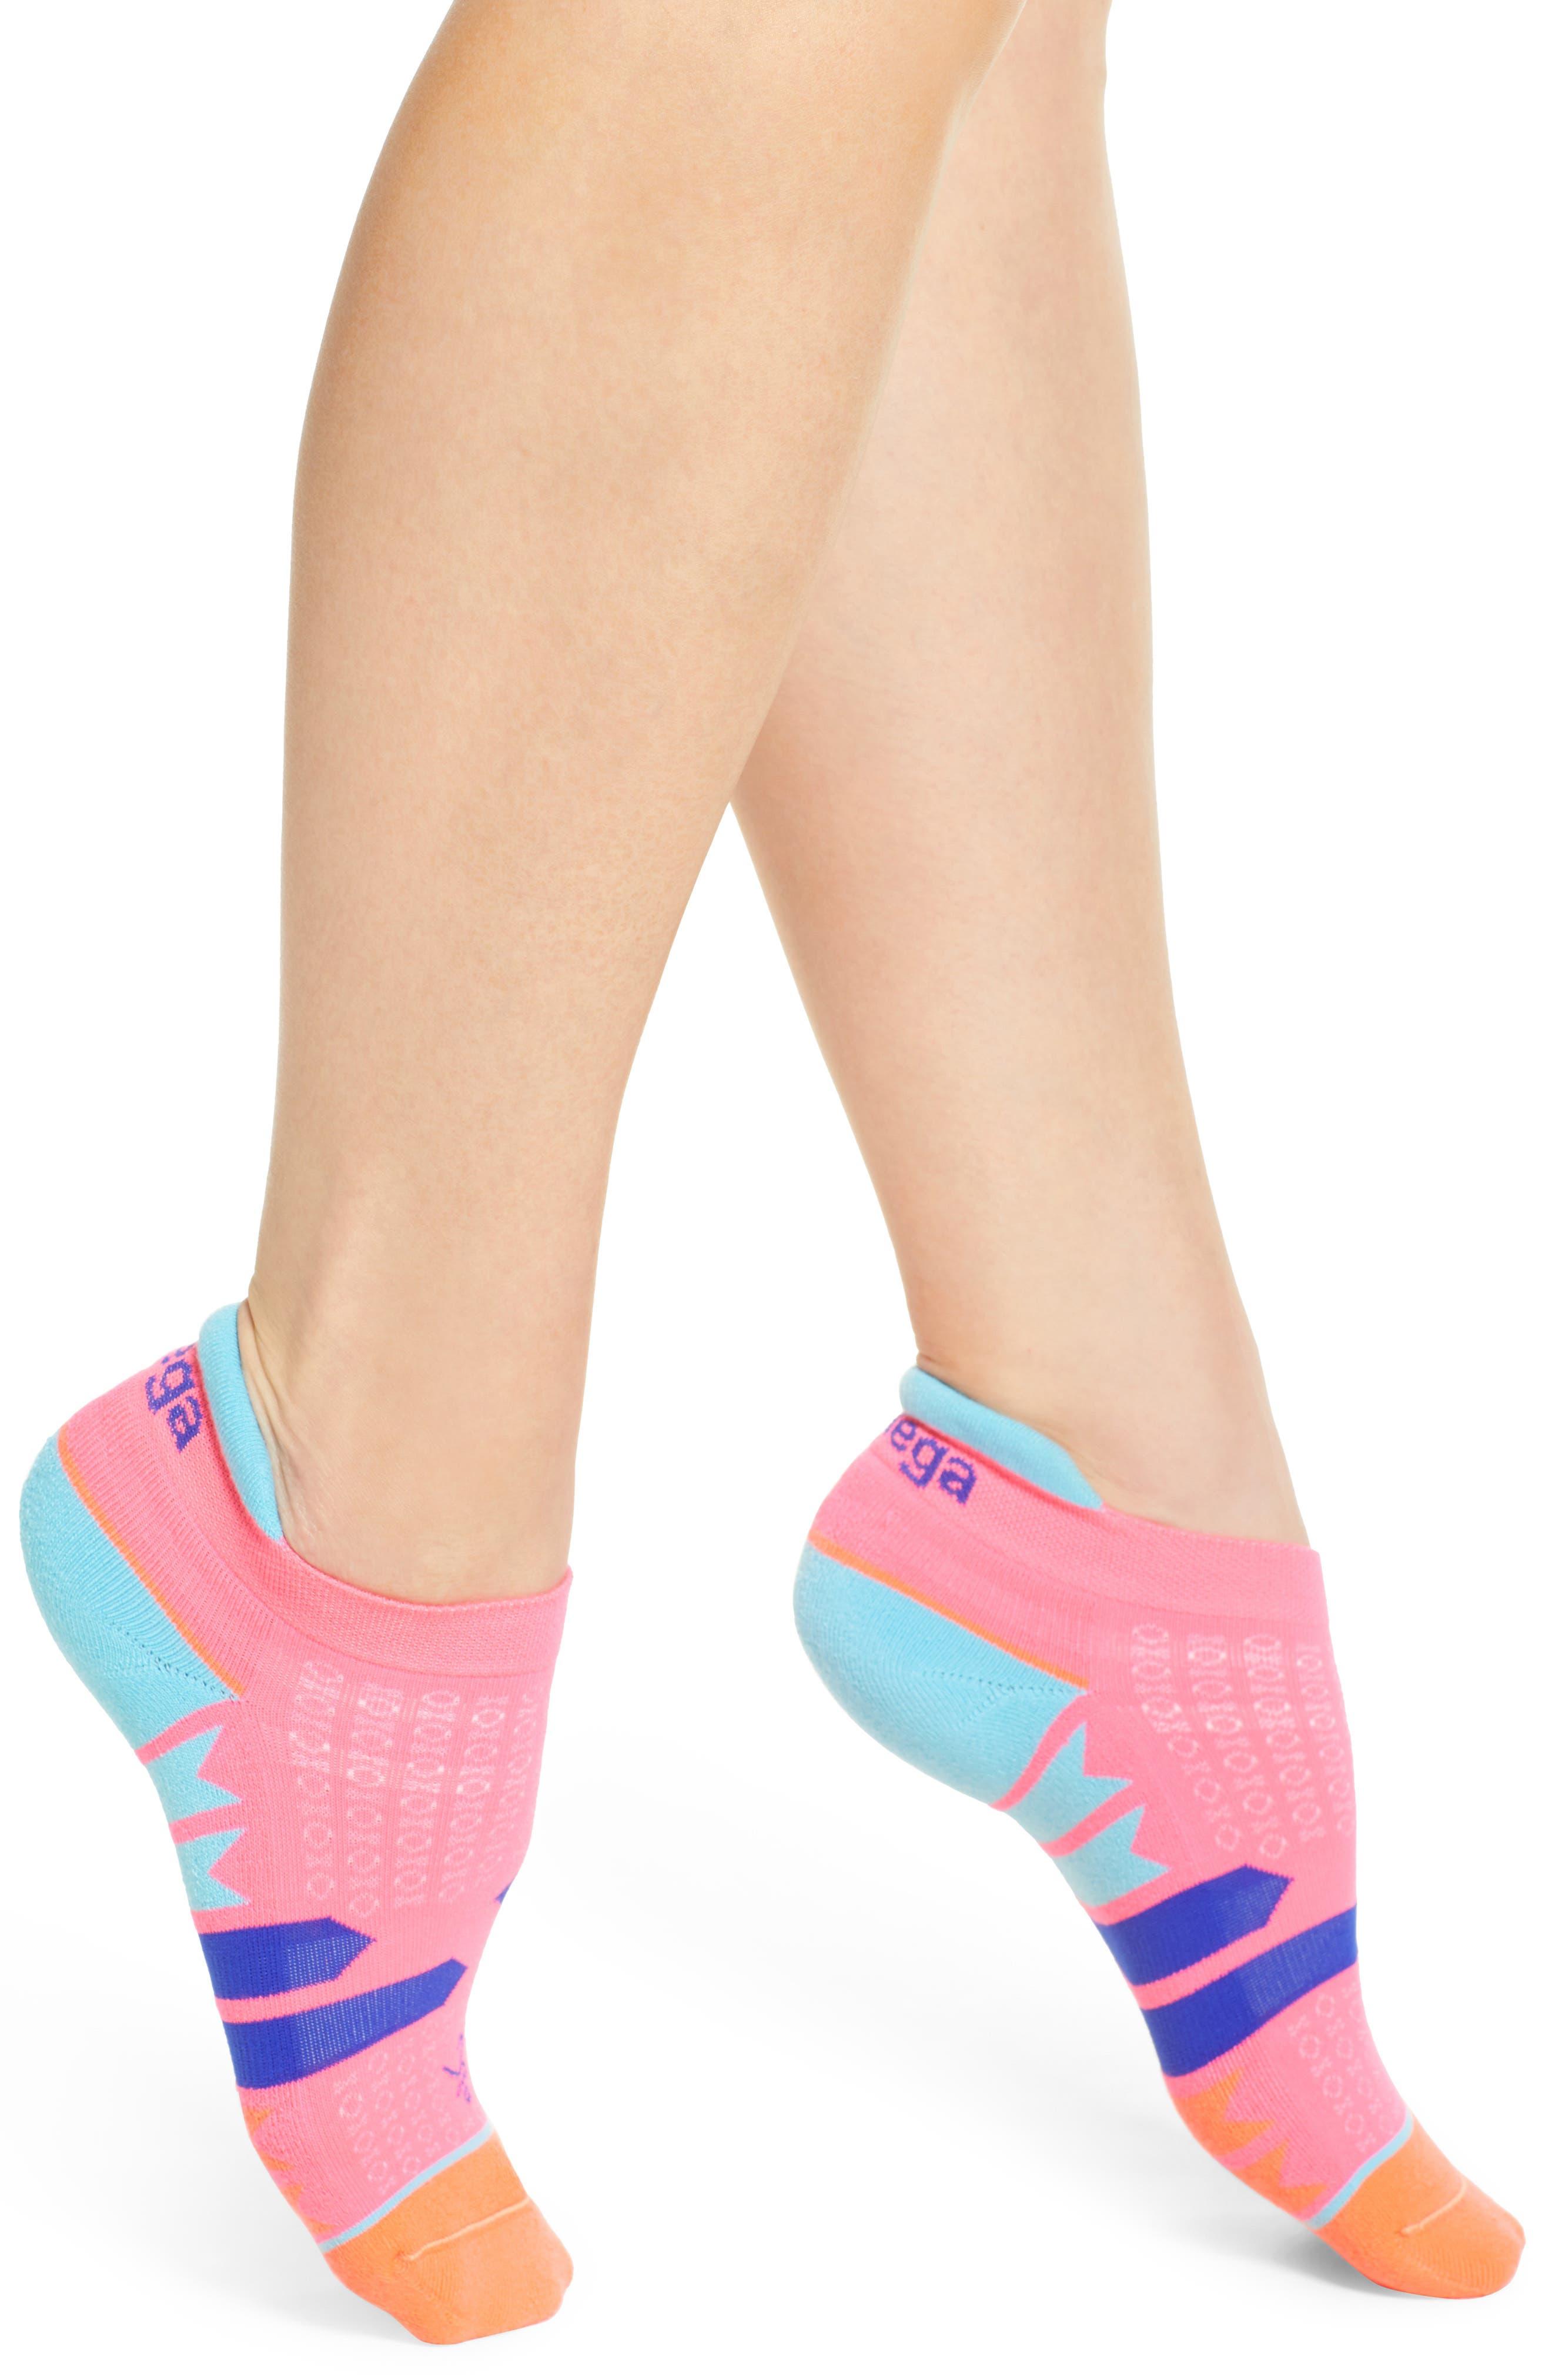 Balega Enduro No-Show Running Socks